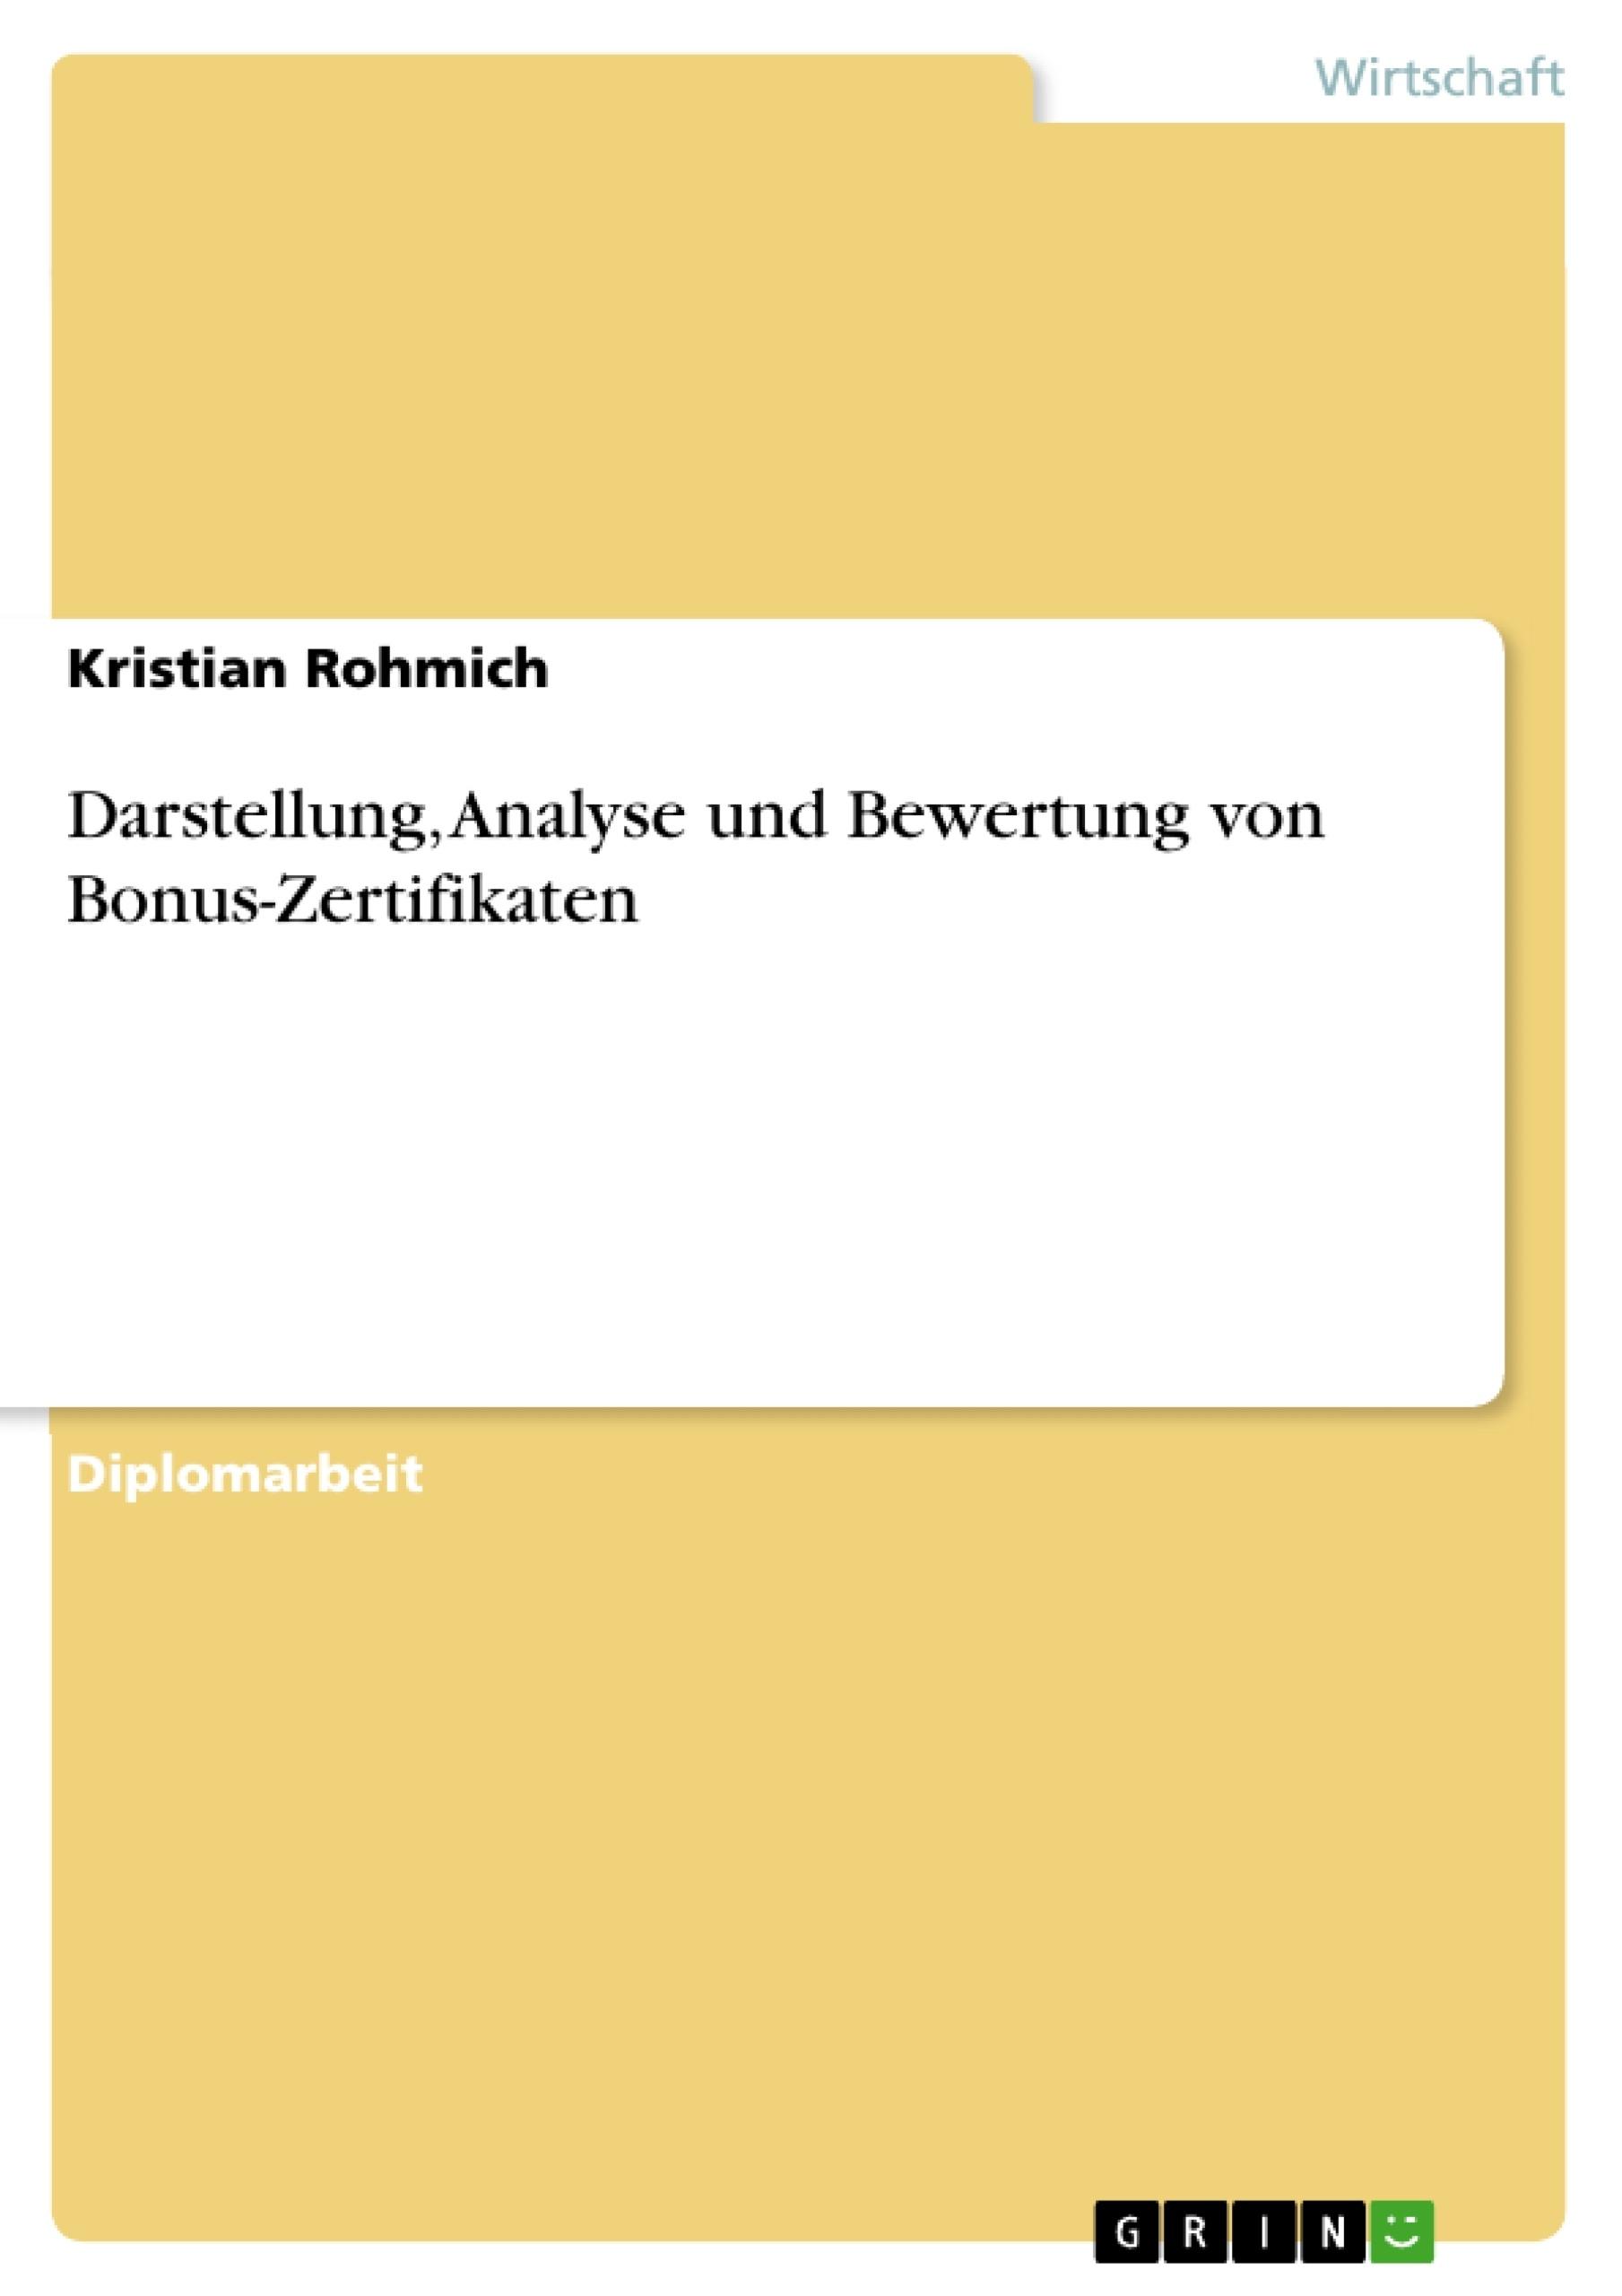 Titel: Darstellung, Analyse und Bewertung von Bonus-Zertifikaten